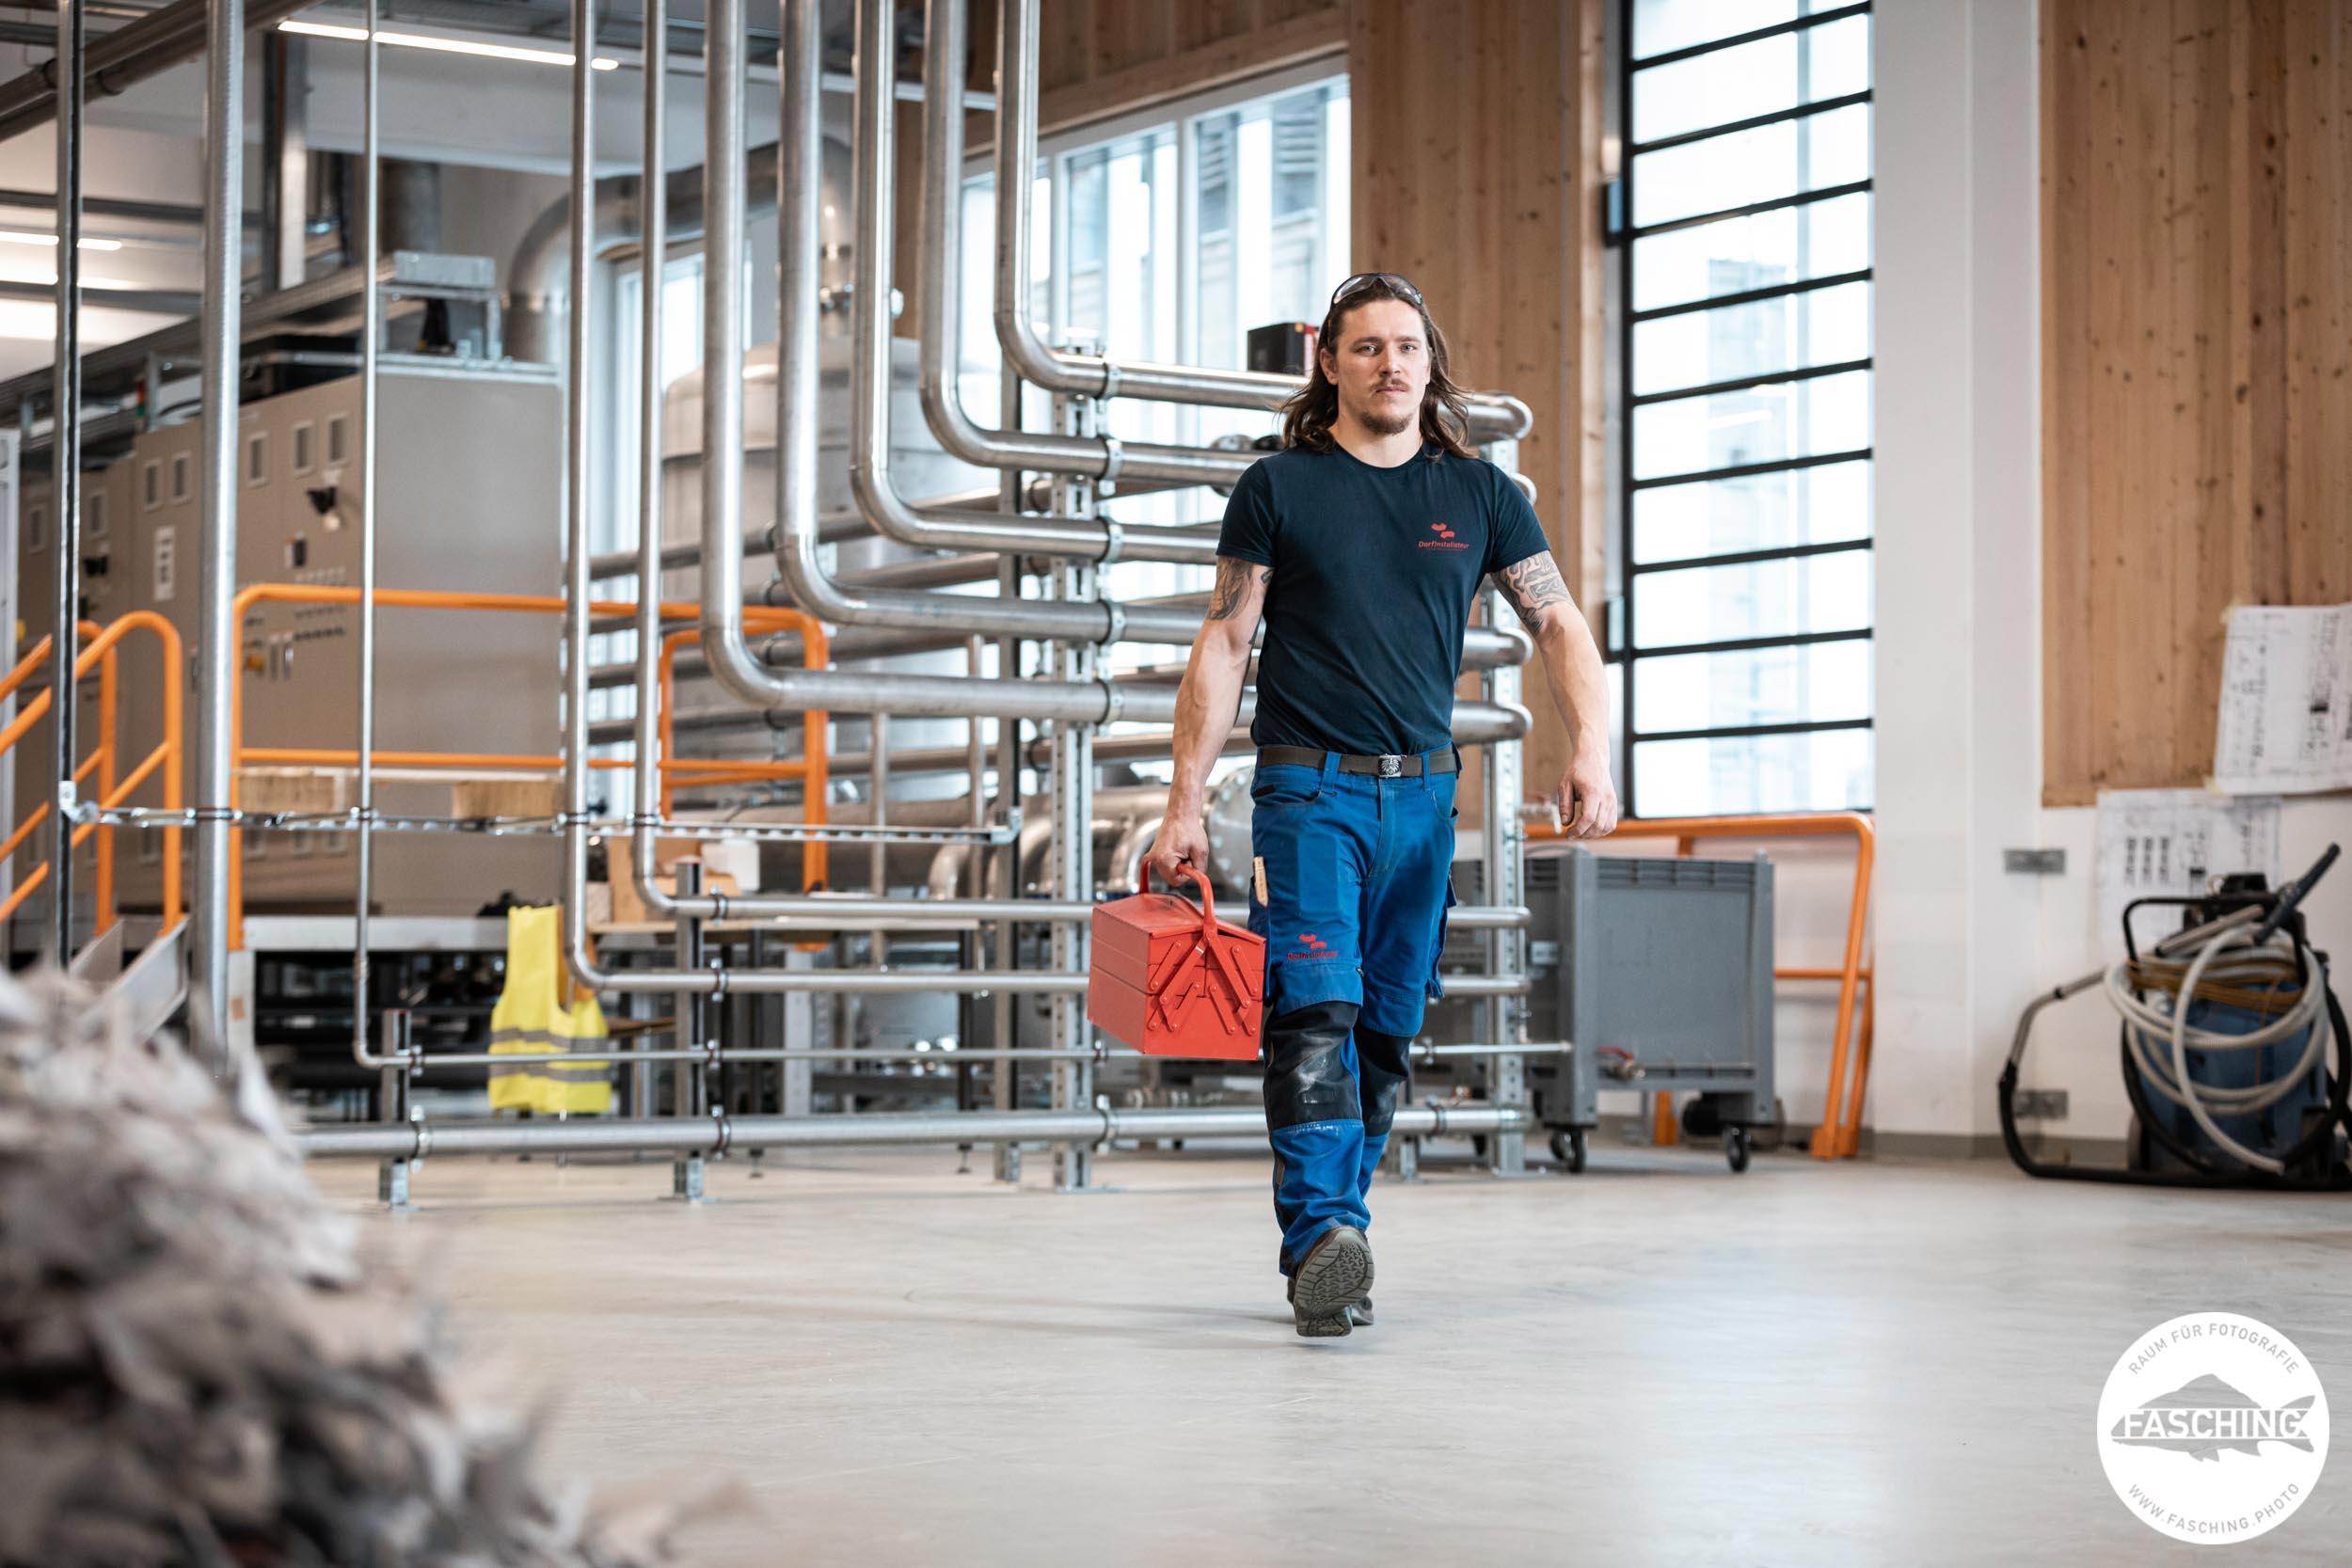 Unternehmensfotograf Luca Fasching hat einen Installateur beim Arbeiten fotografiert